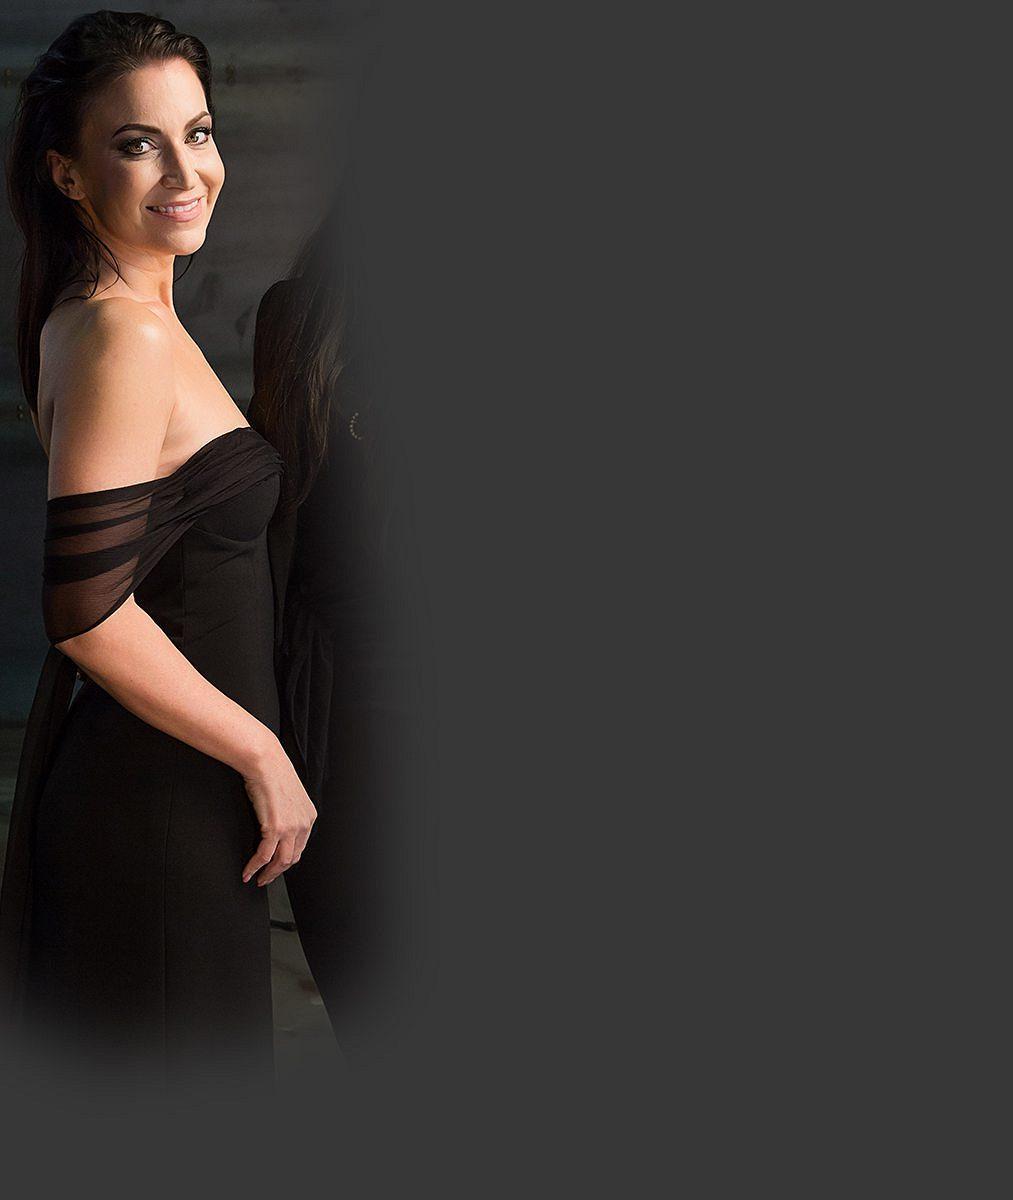 Hollywoodská hvězda vPraze: Partyšová prosila ospolečnou fotku, herec měl jednu podmínku